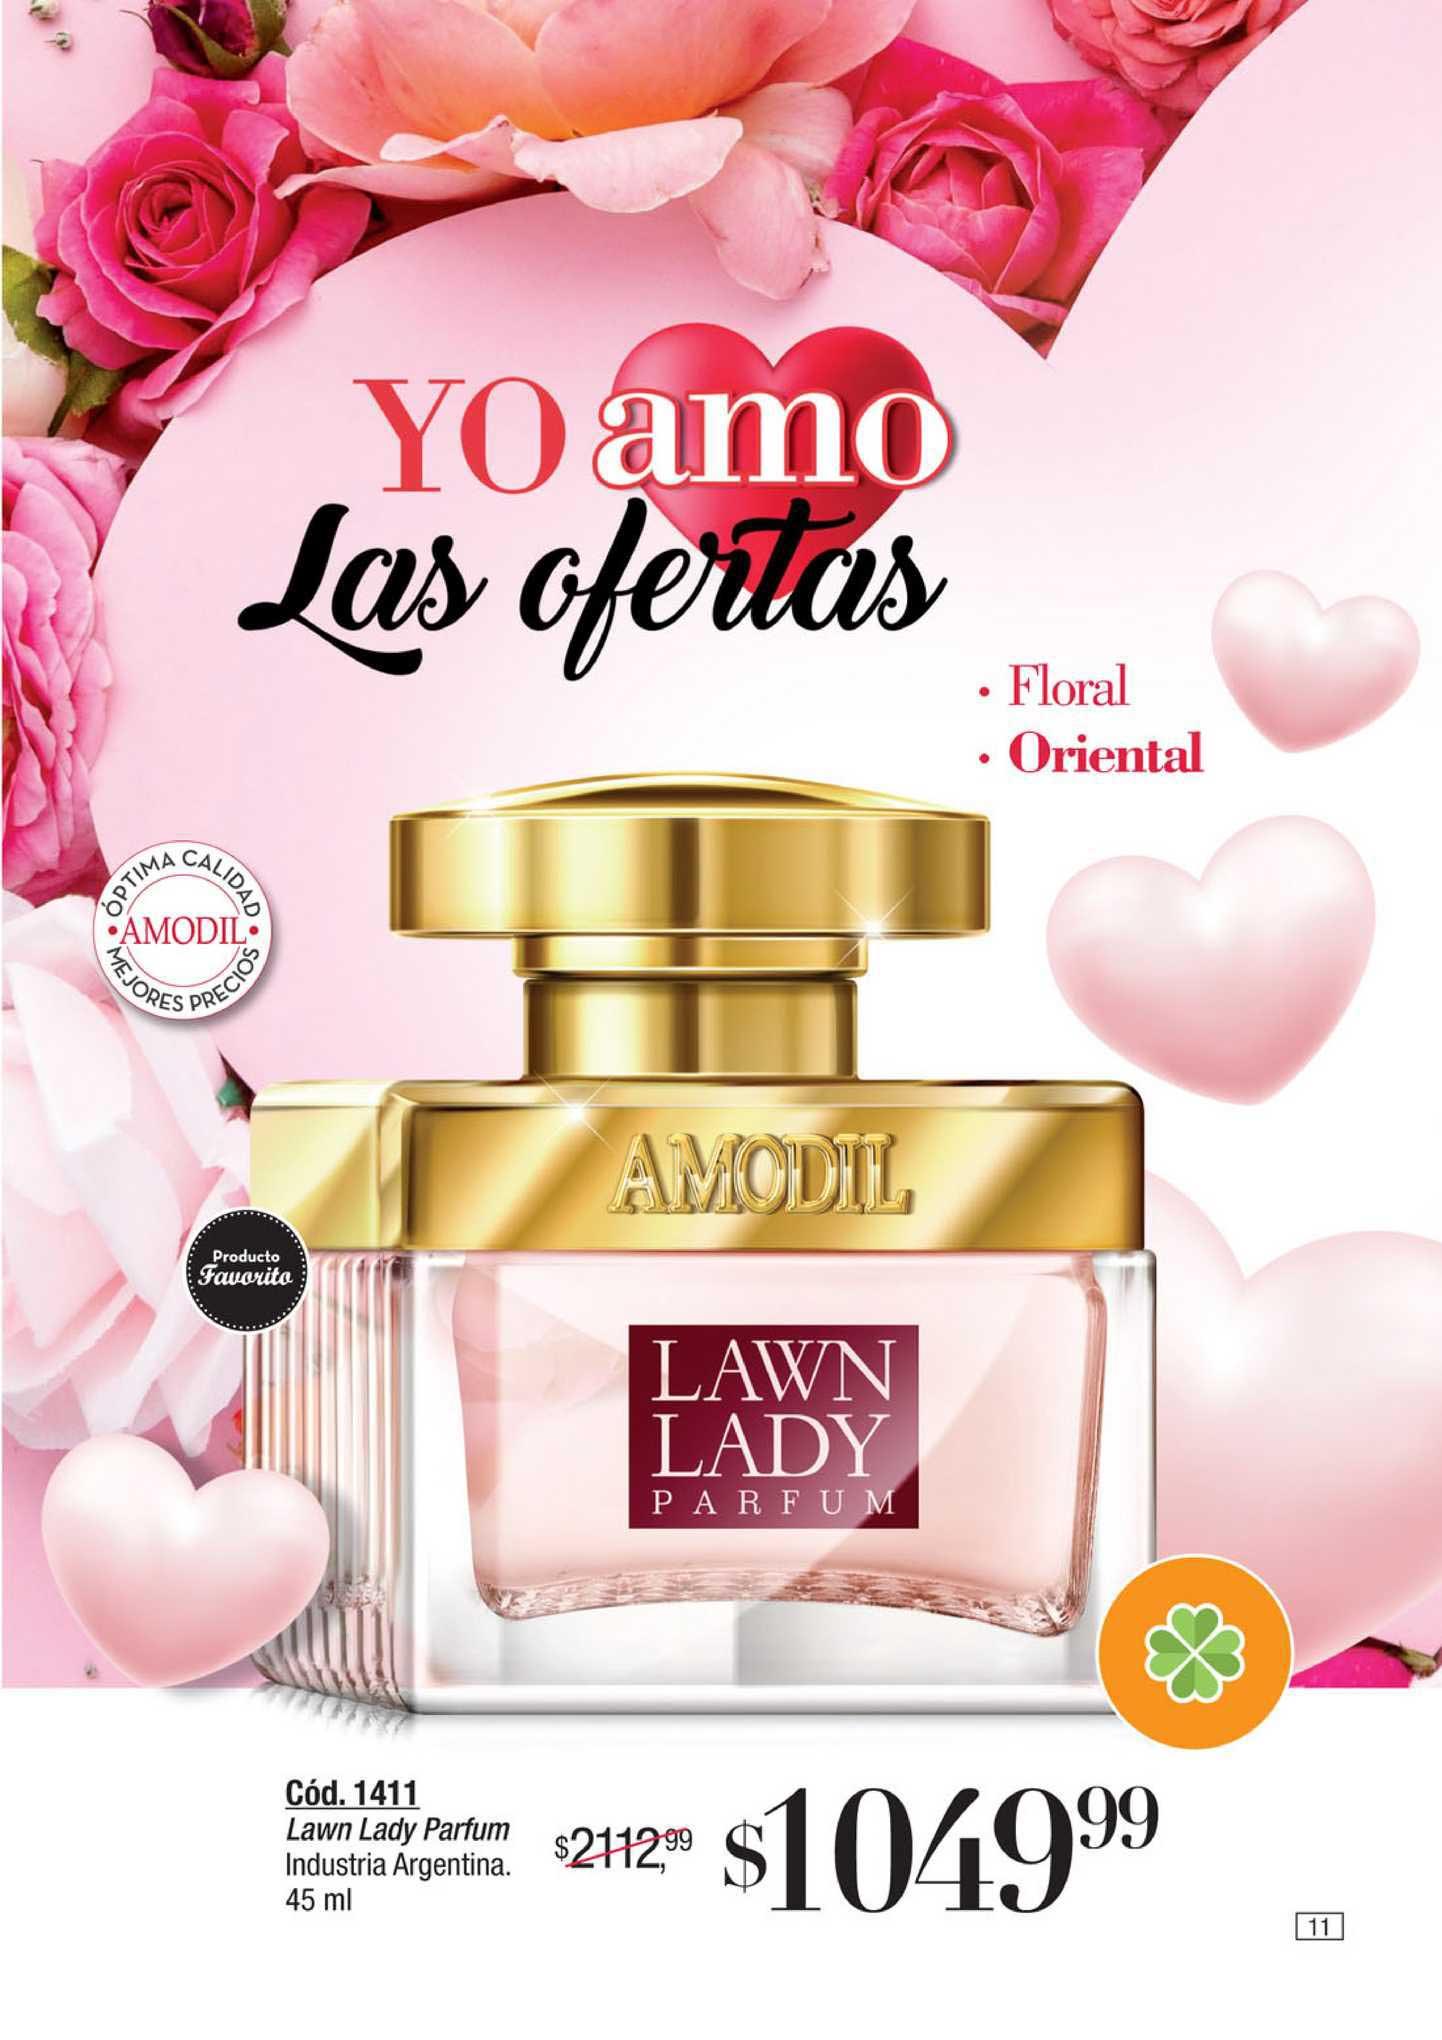 Amodil Lawn Lady Parfum